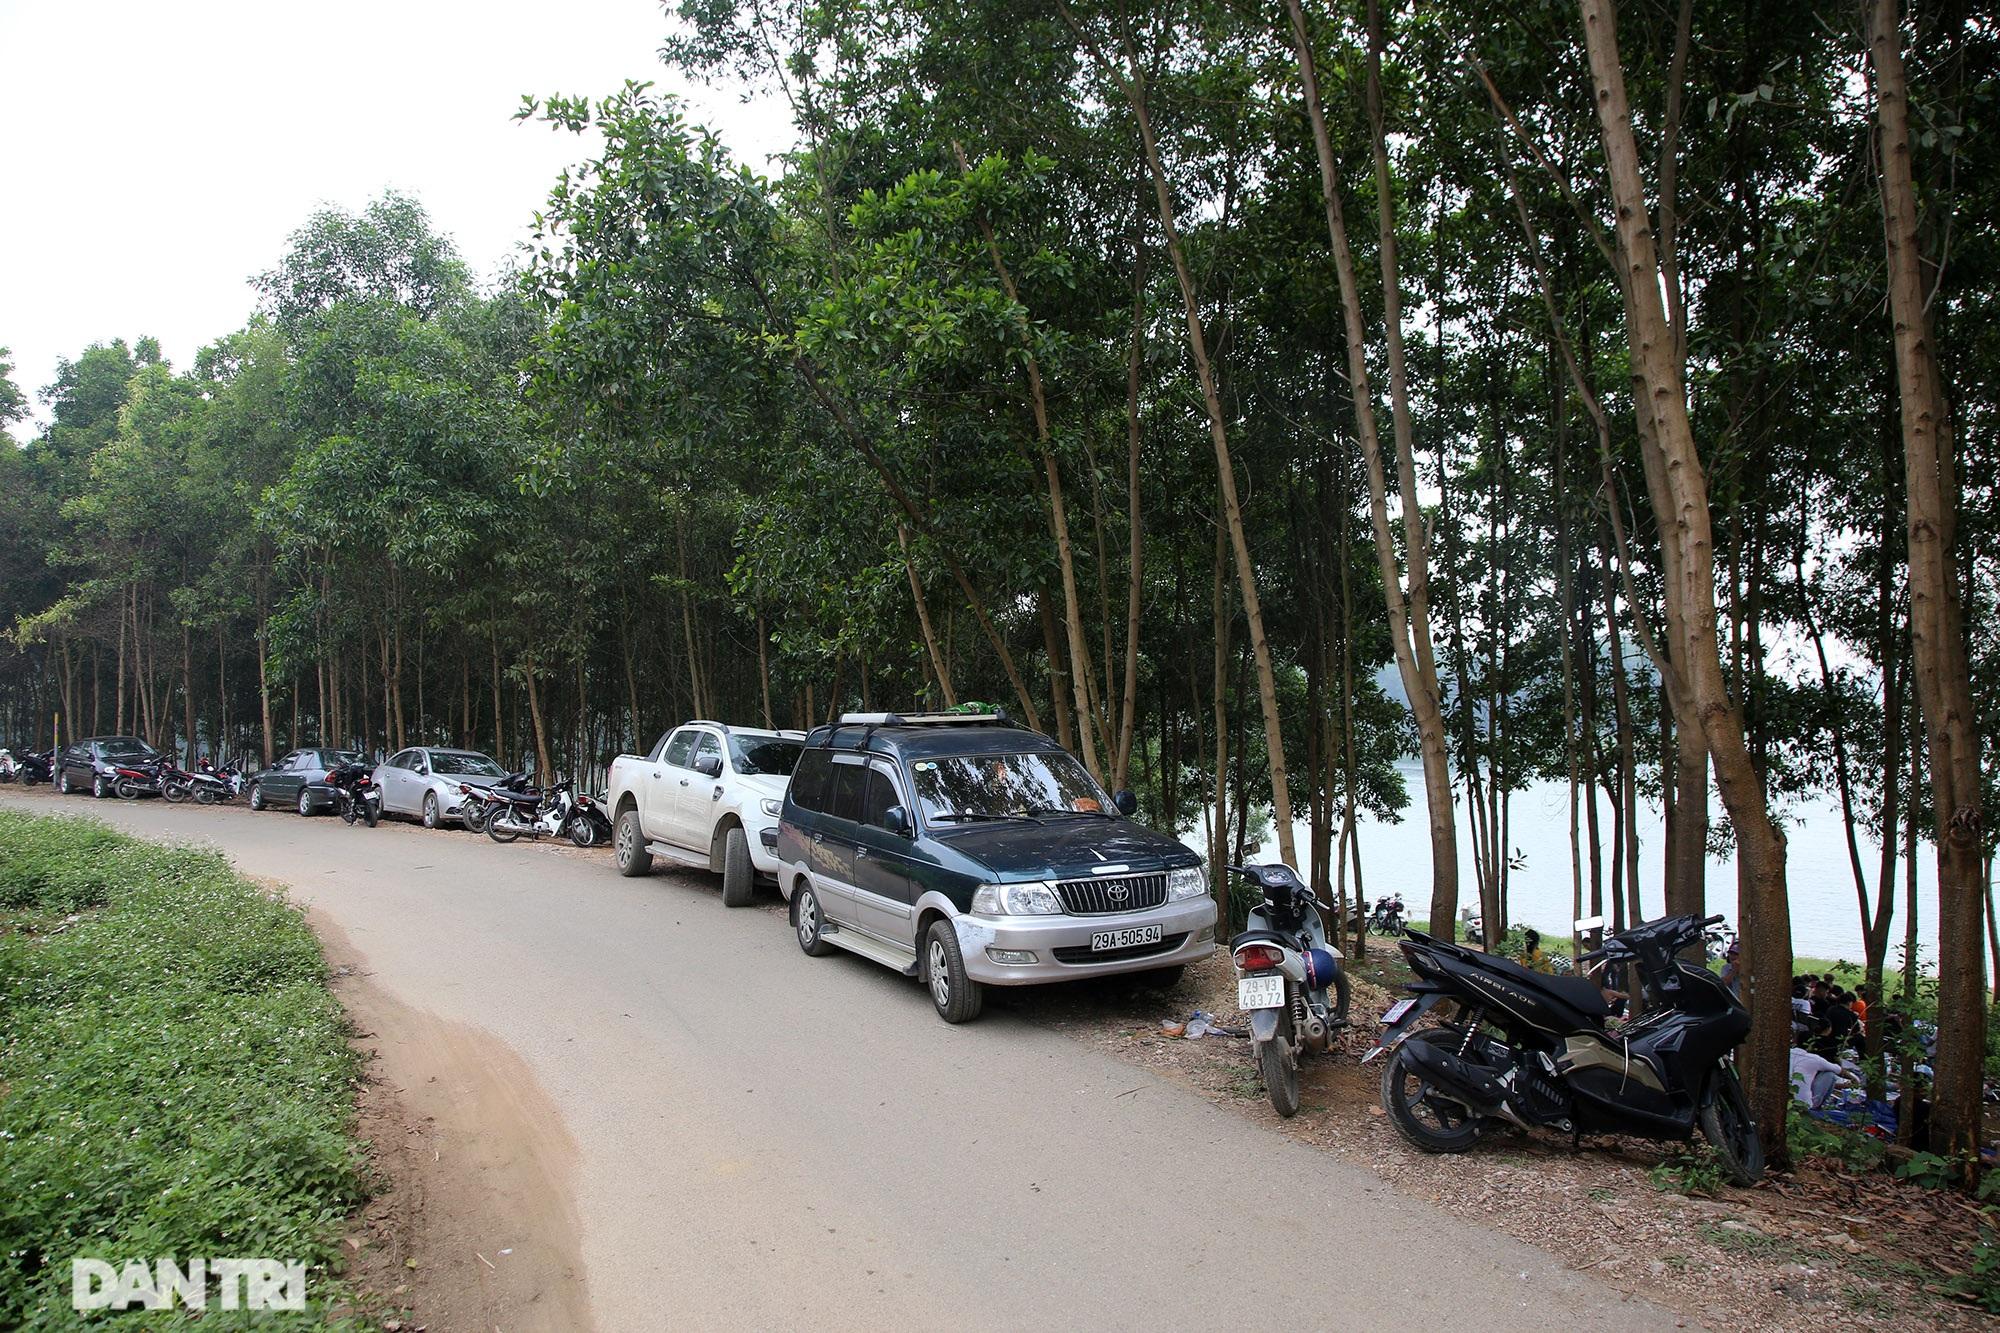 Dù có biển cấm tụ tập, hồ Đồng Mô vẫn tấp nập người đến cắm trại - 4